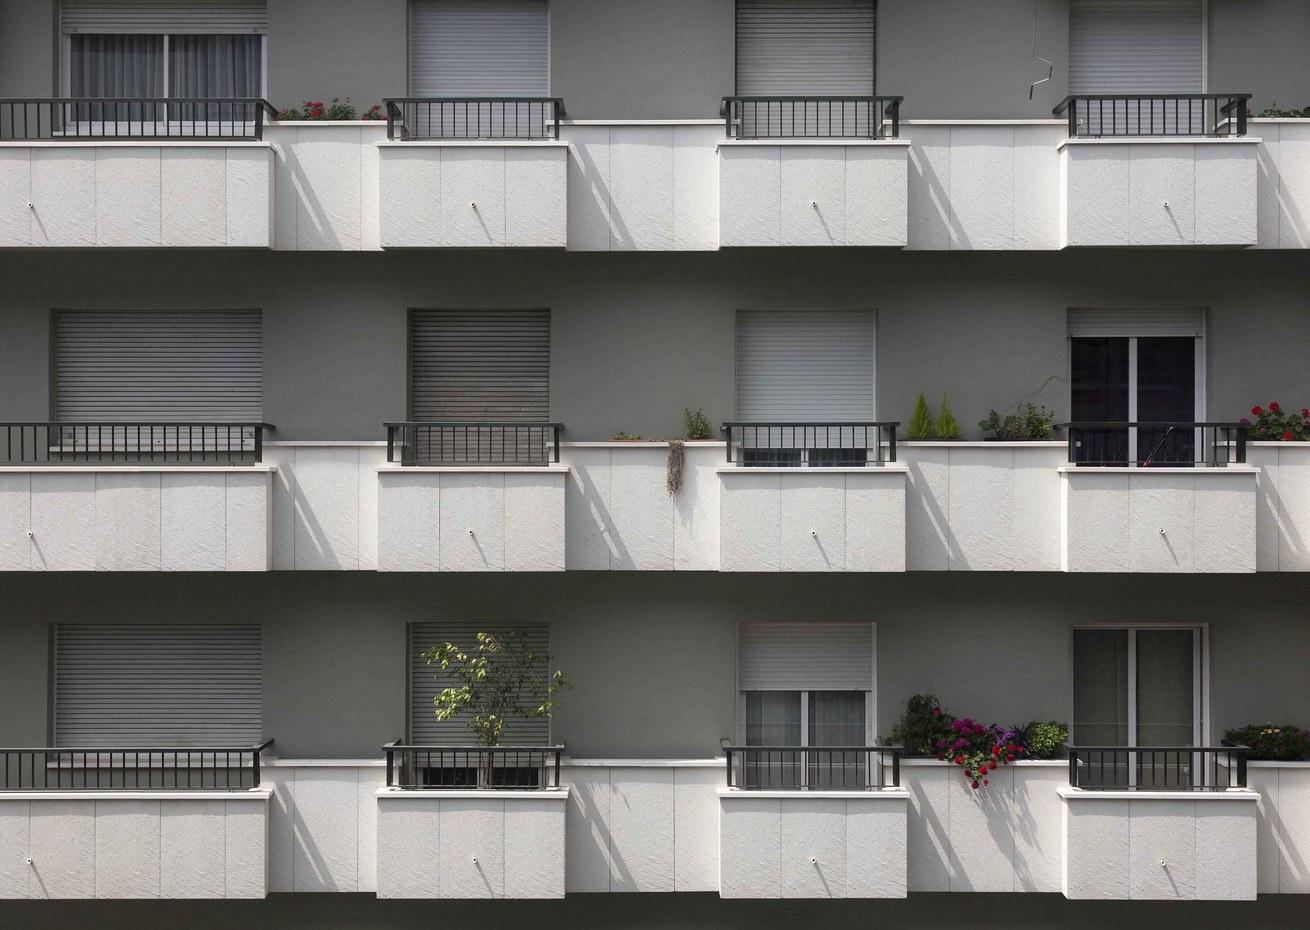 Reabilitação de frentes de terraço com acabamento rústico